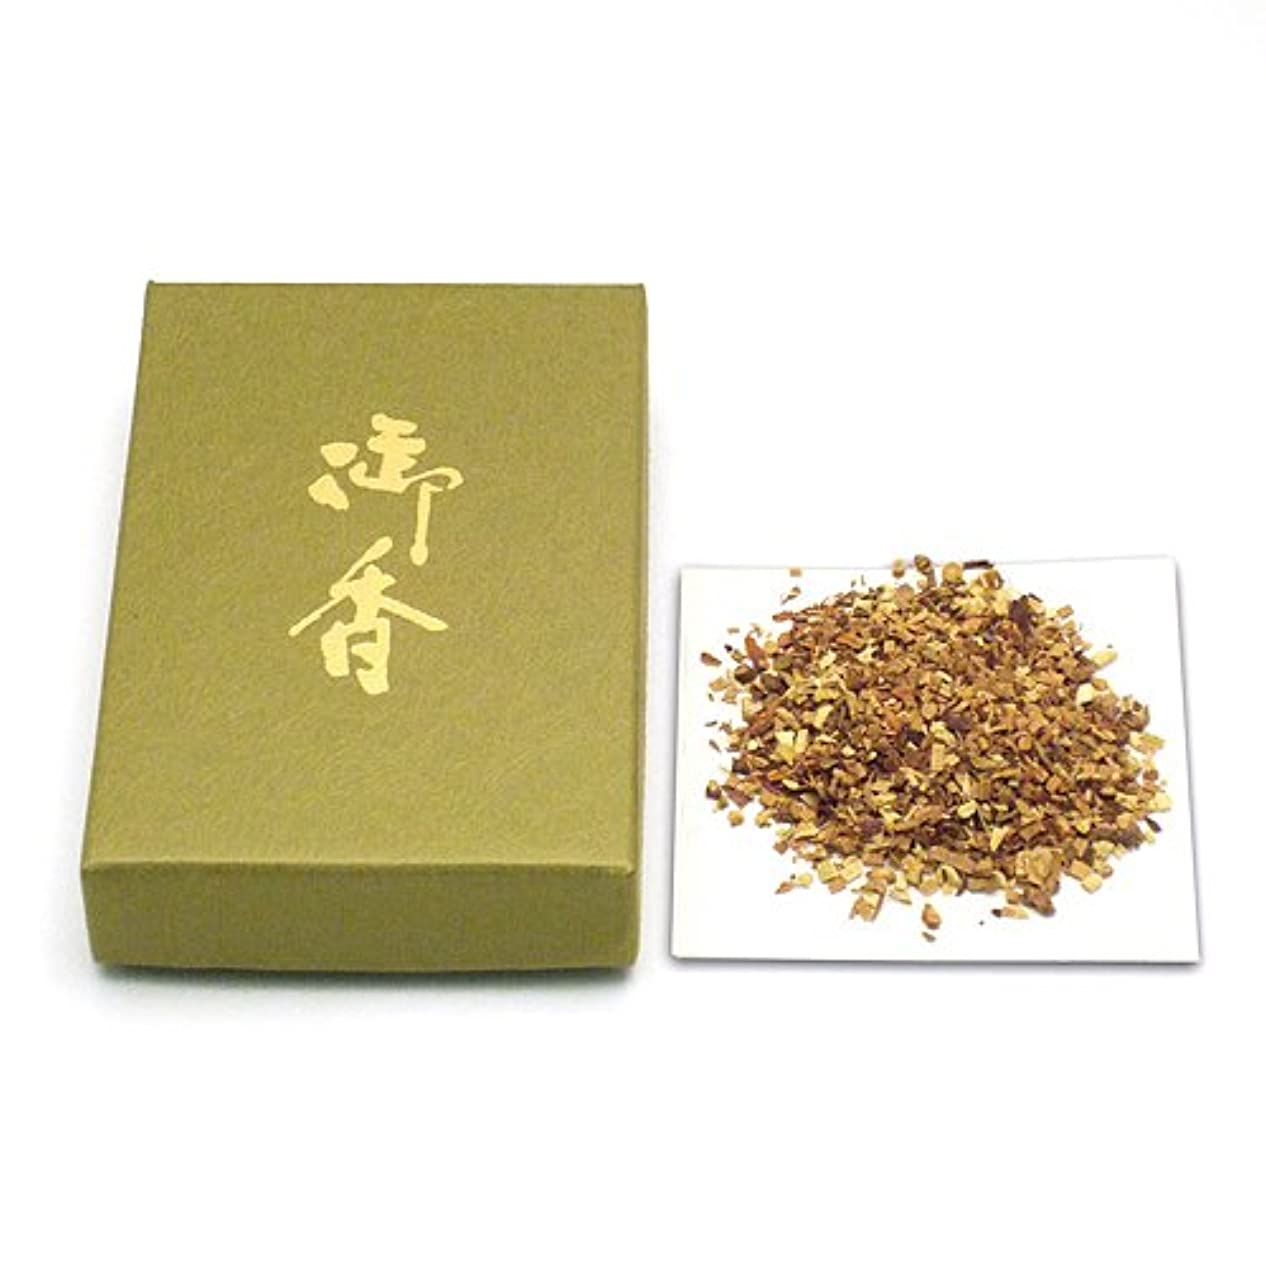 タンザニアの間に一口焼香用御香 瑞薫印 25g◆お焼香用の御香